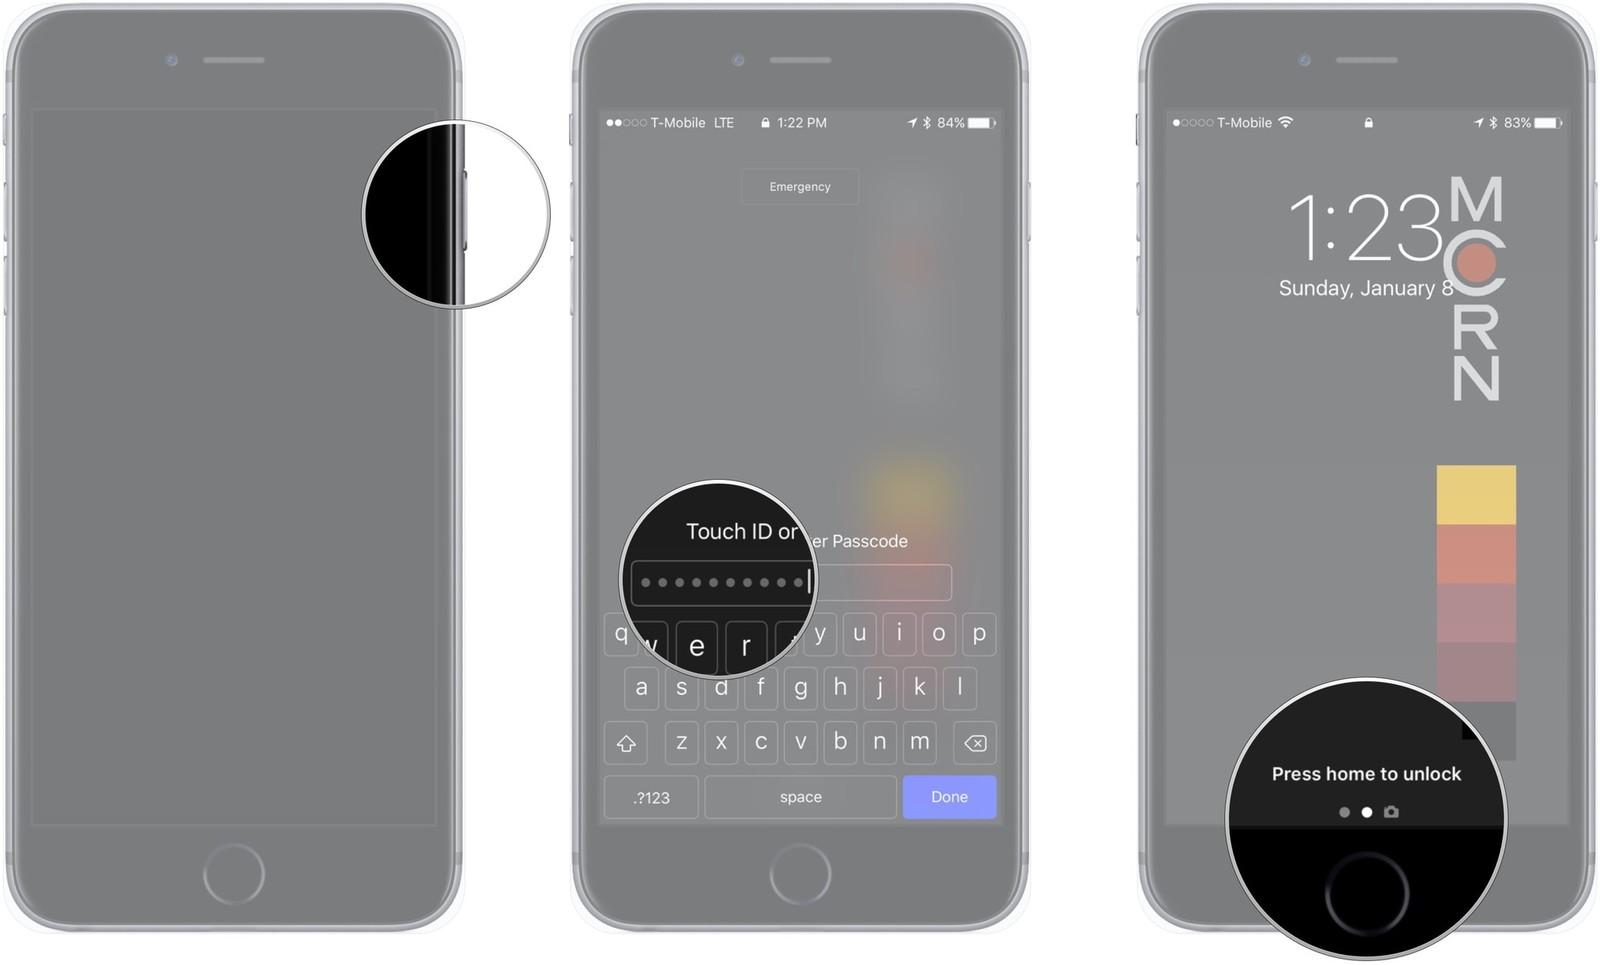 11 вещей которые должен знать каждый пользователь iPhone или iPad - включаем смартфон